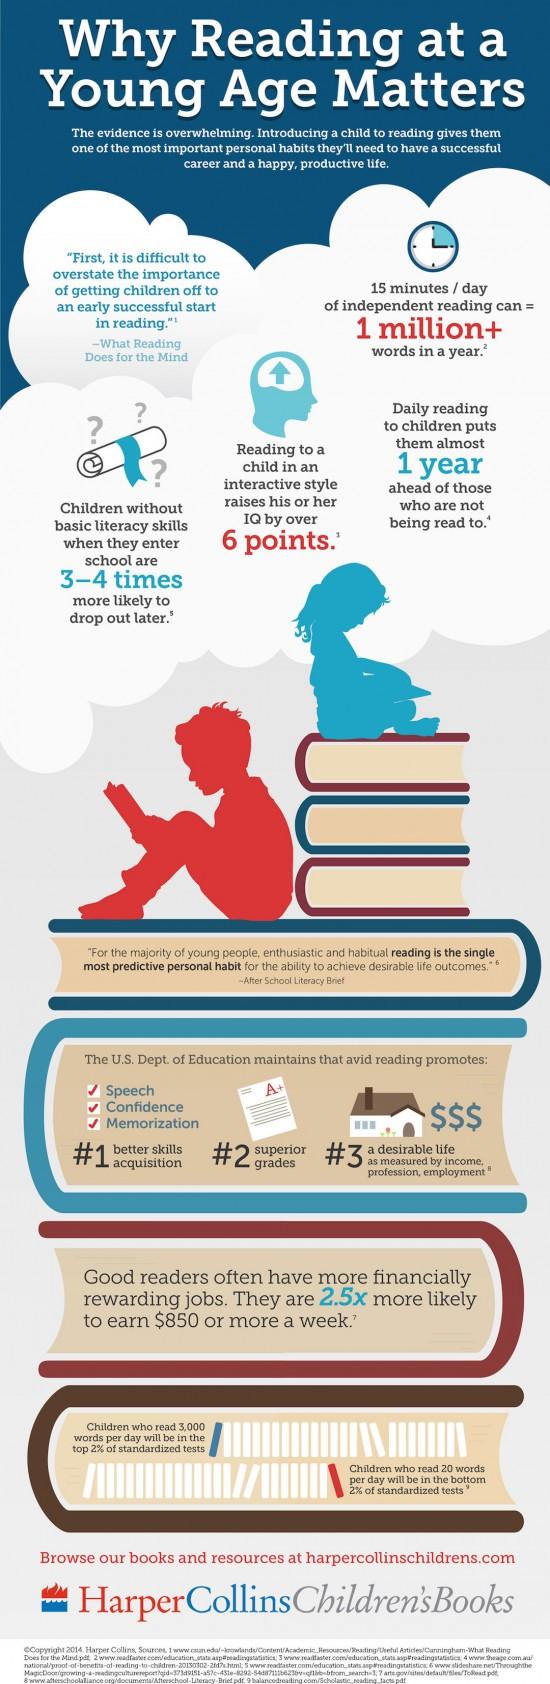 děti a čtení